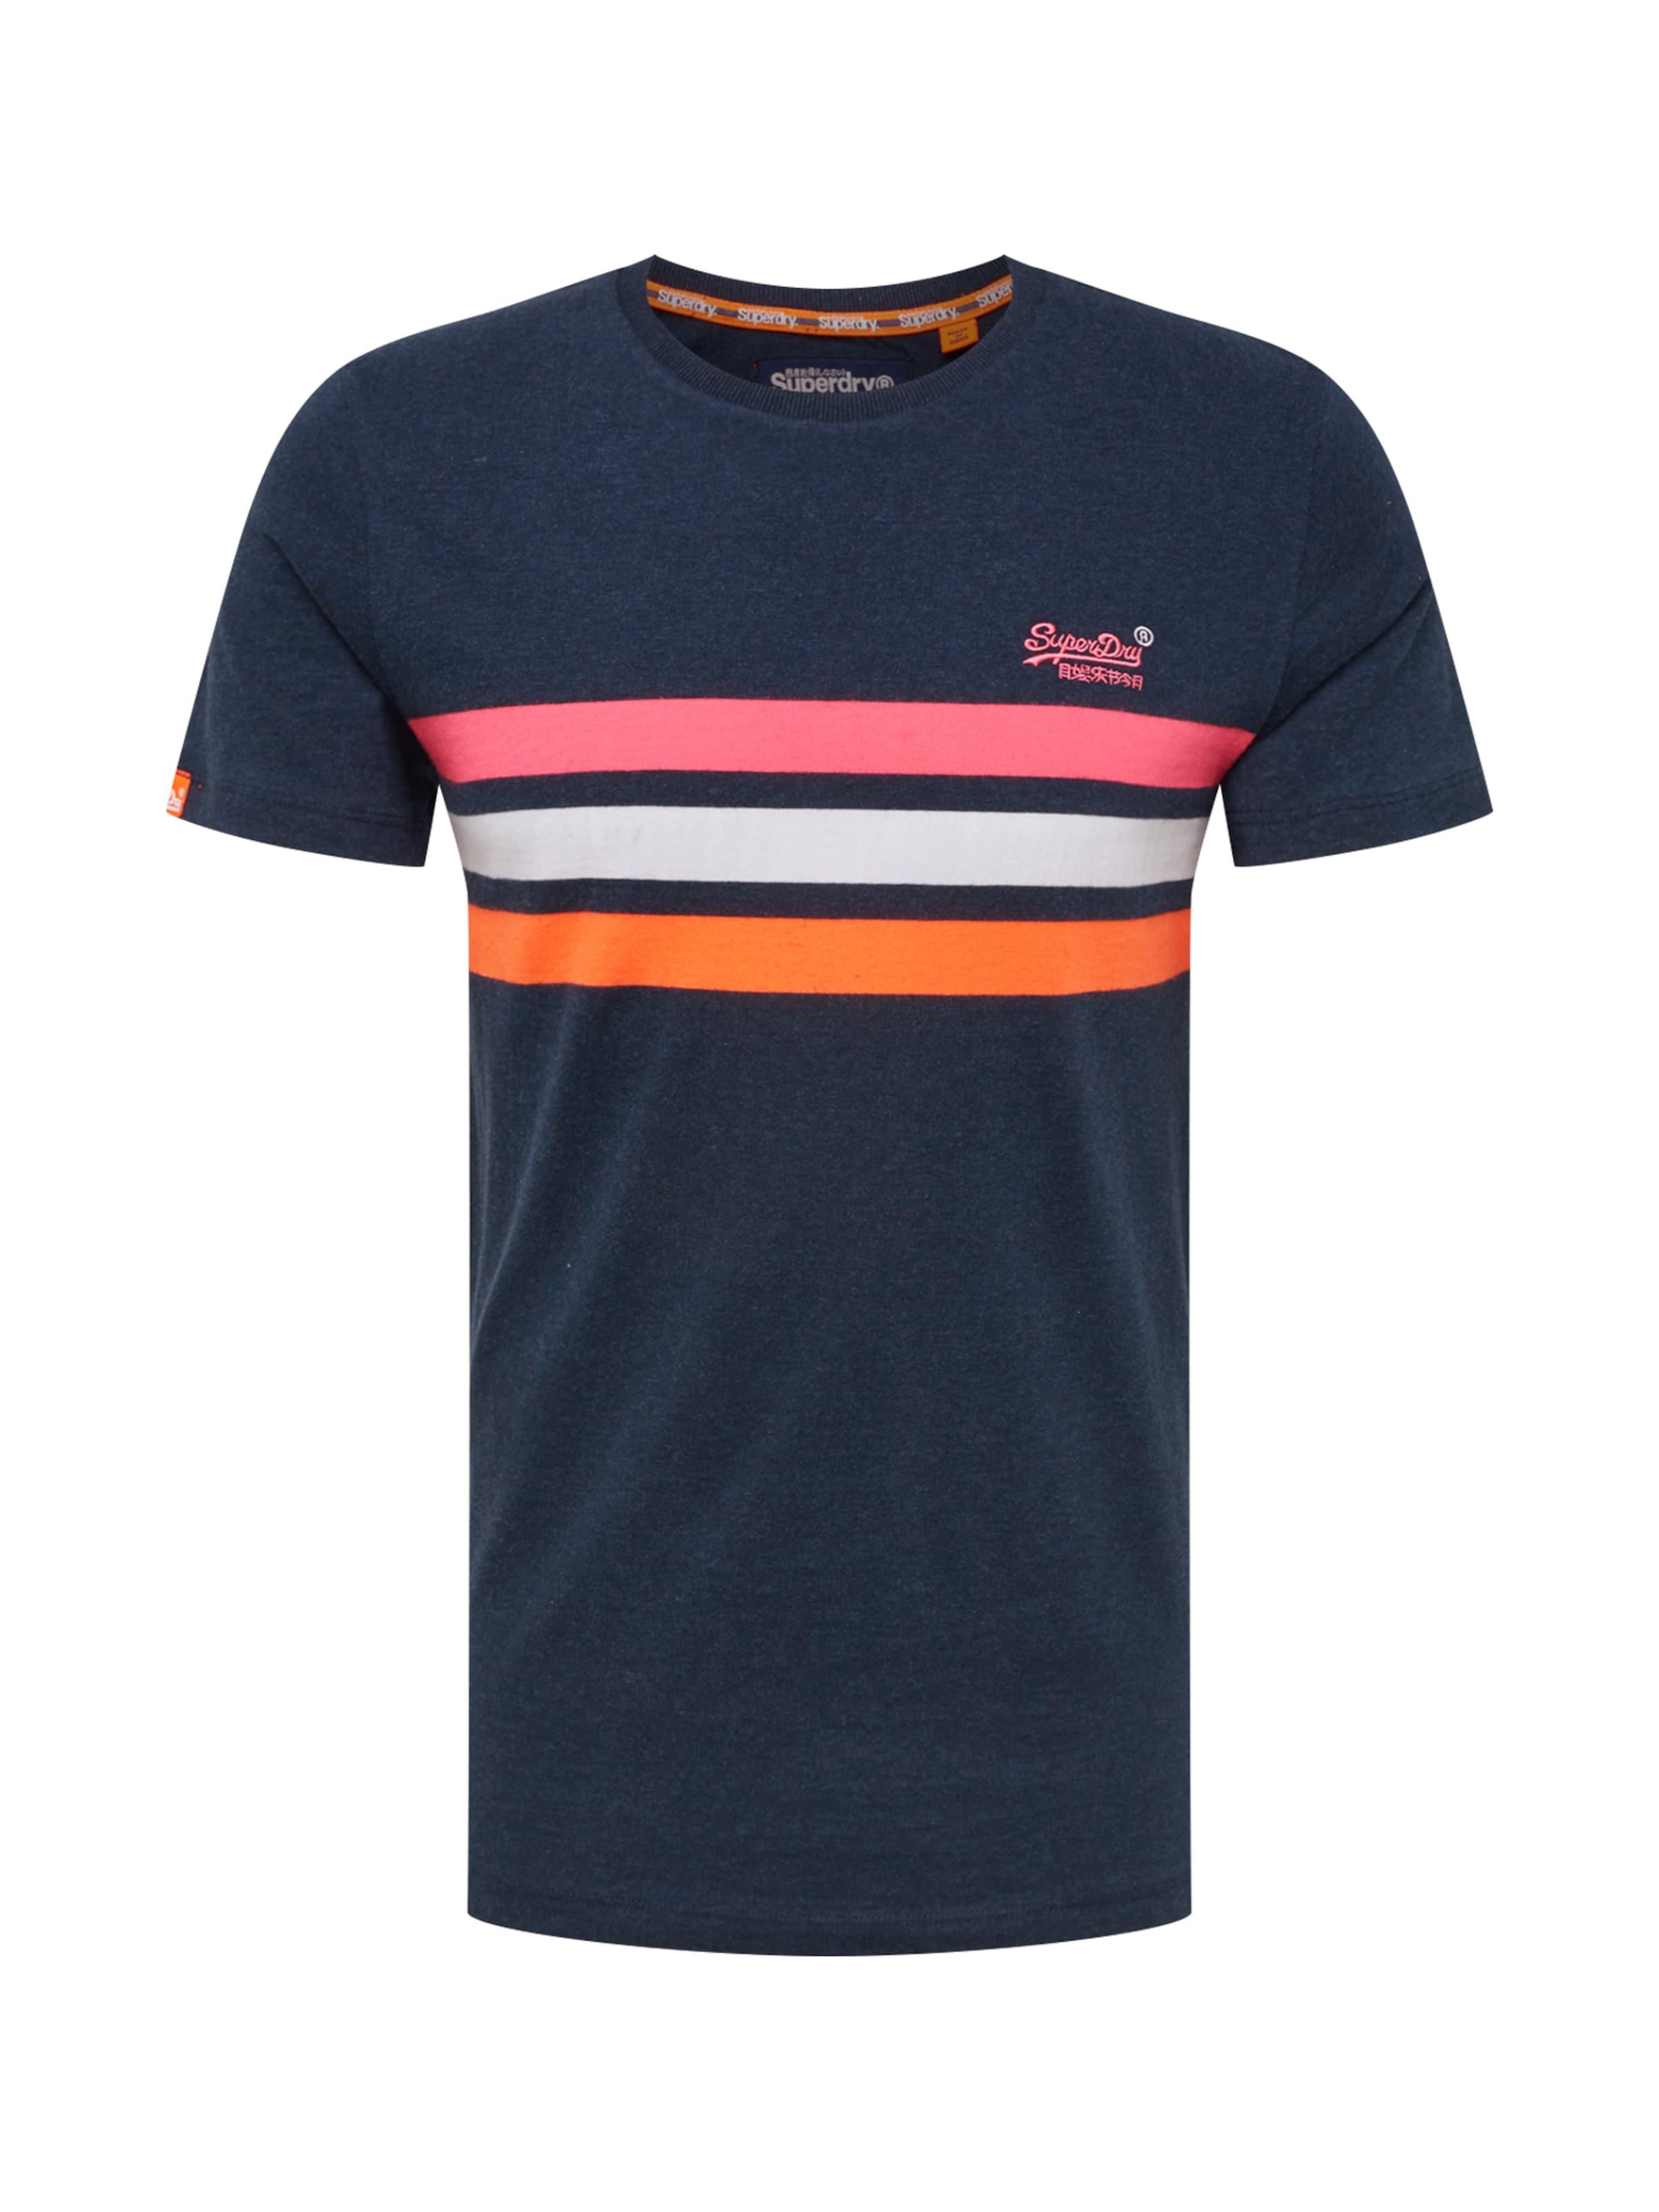 Fluro Weiß Chestband' Label In Pink 'orange DunkelblauOrange Shirt Superdry 2WYIEDH9